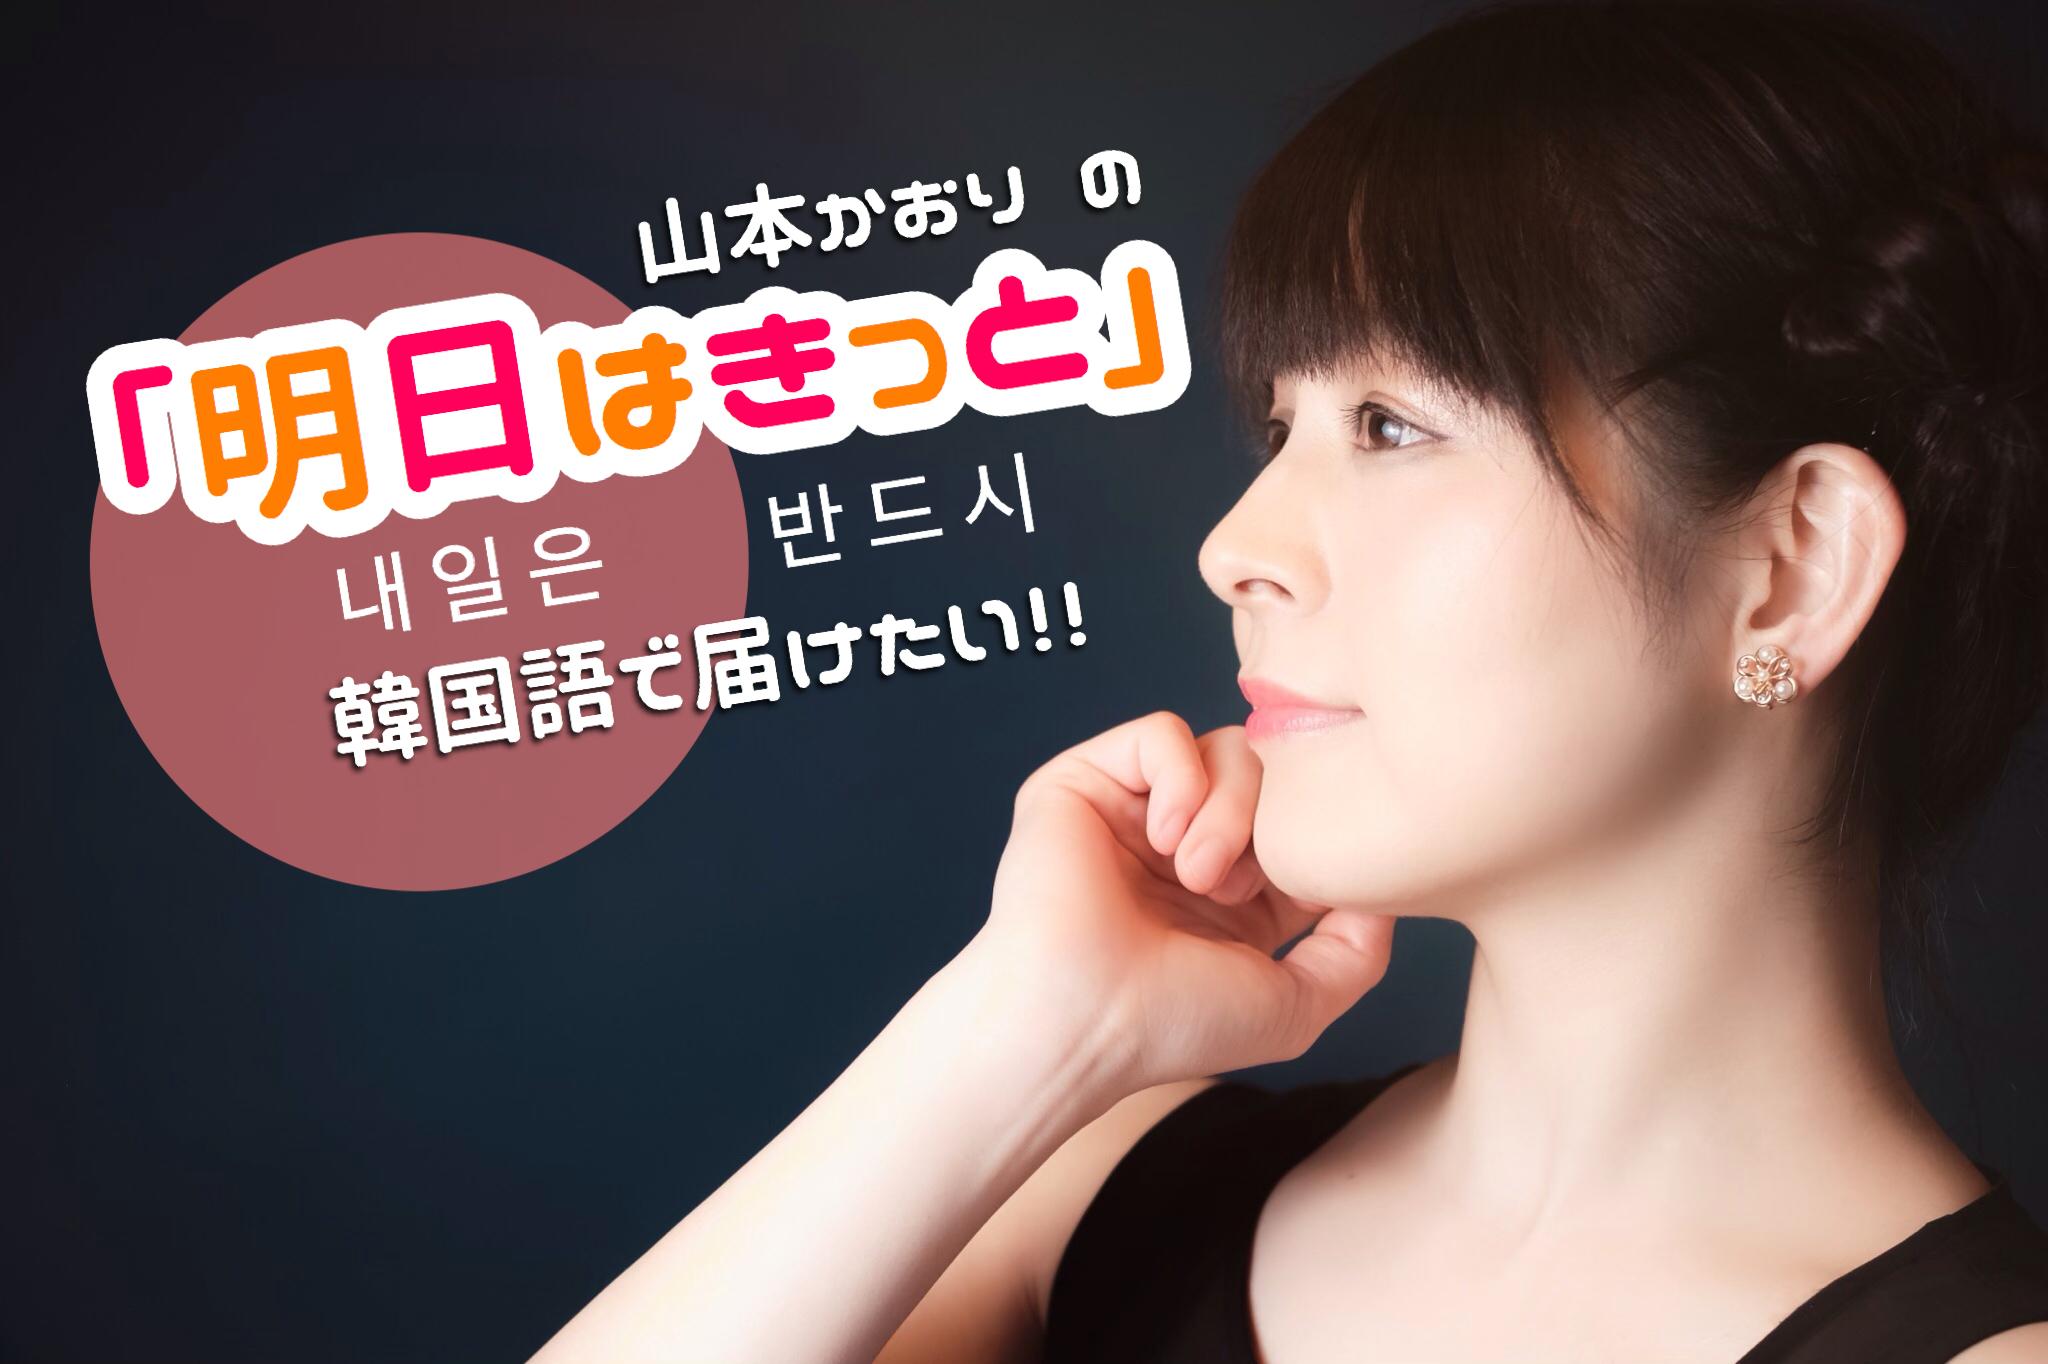 【山本かおり】韓国語で歌いたい!「明日はきっと」の韓国語Ver音源制作キャンペーン